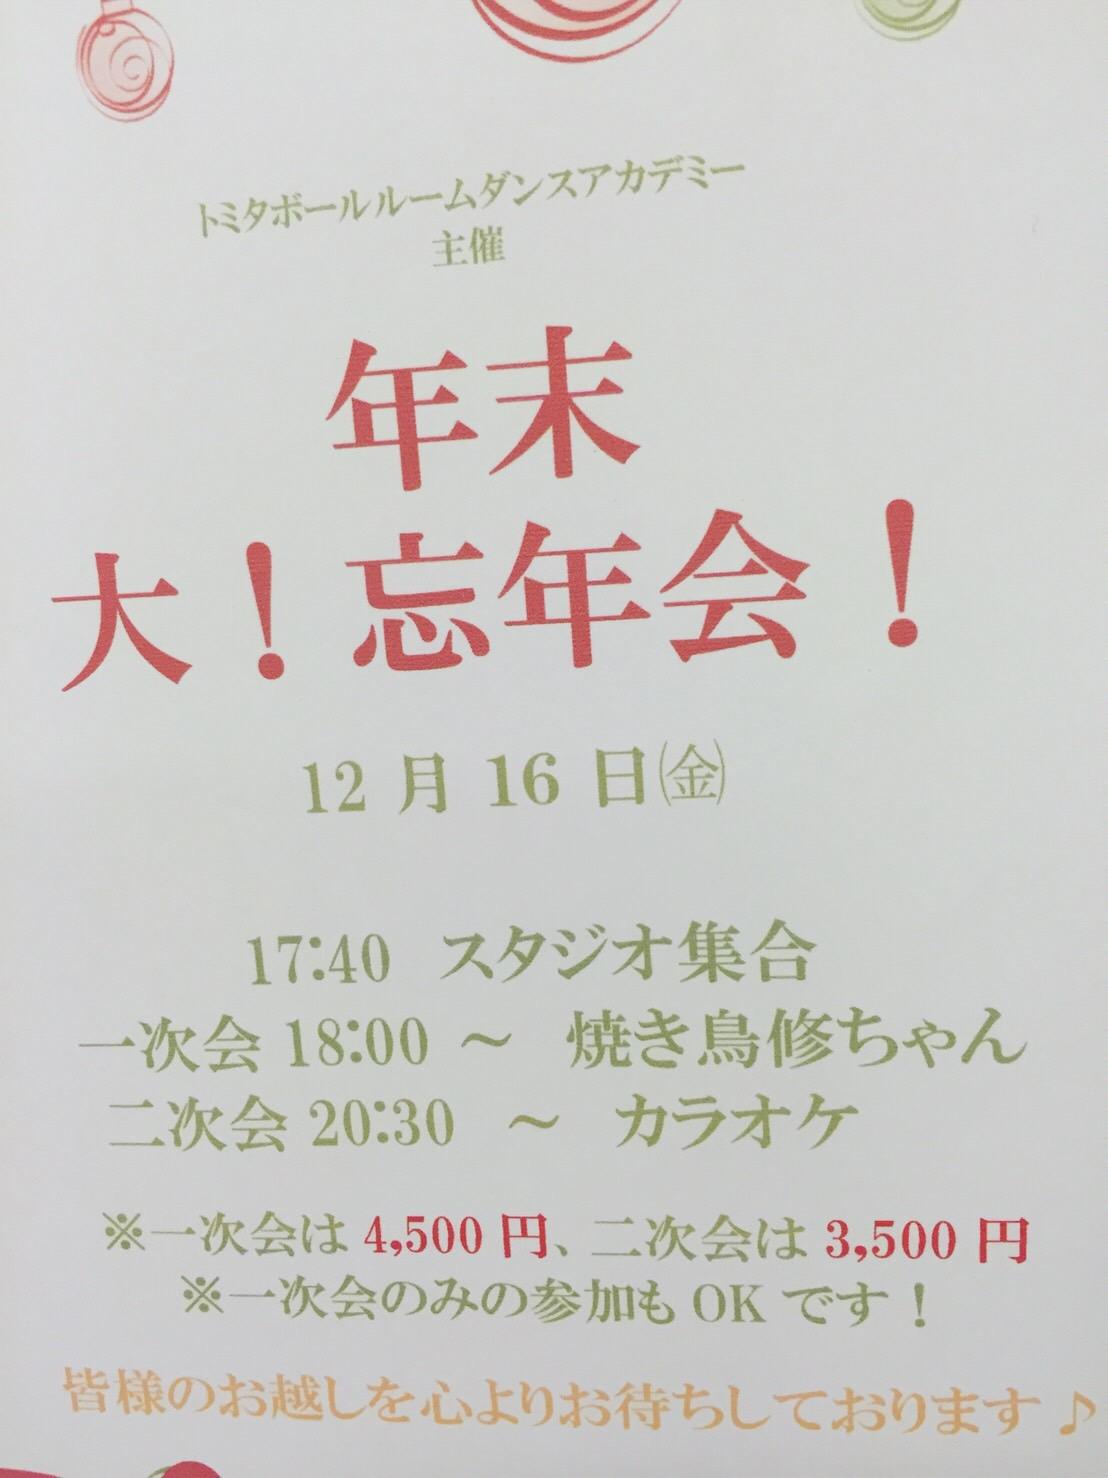 トミタダンス大忘年会